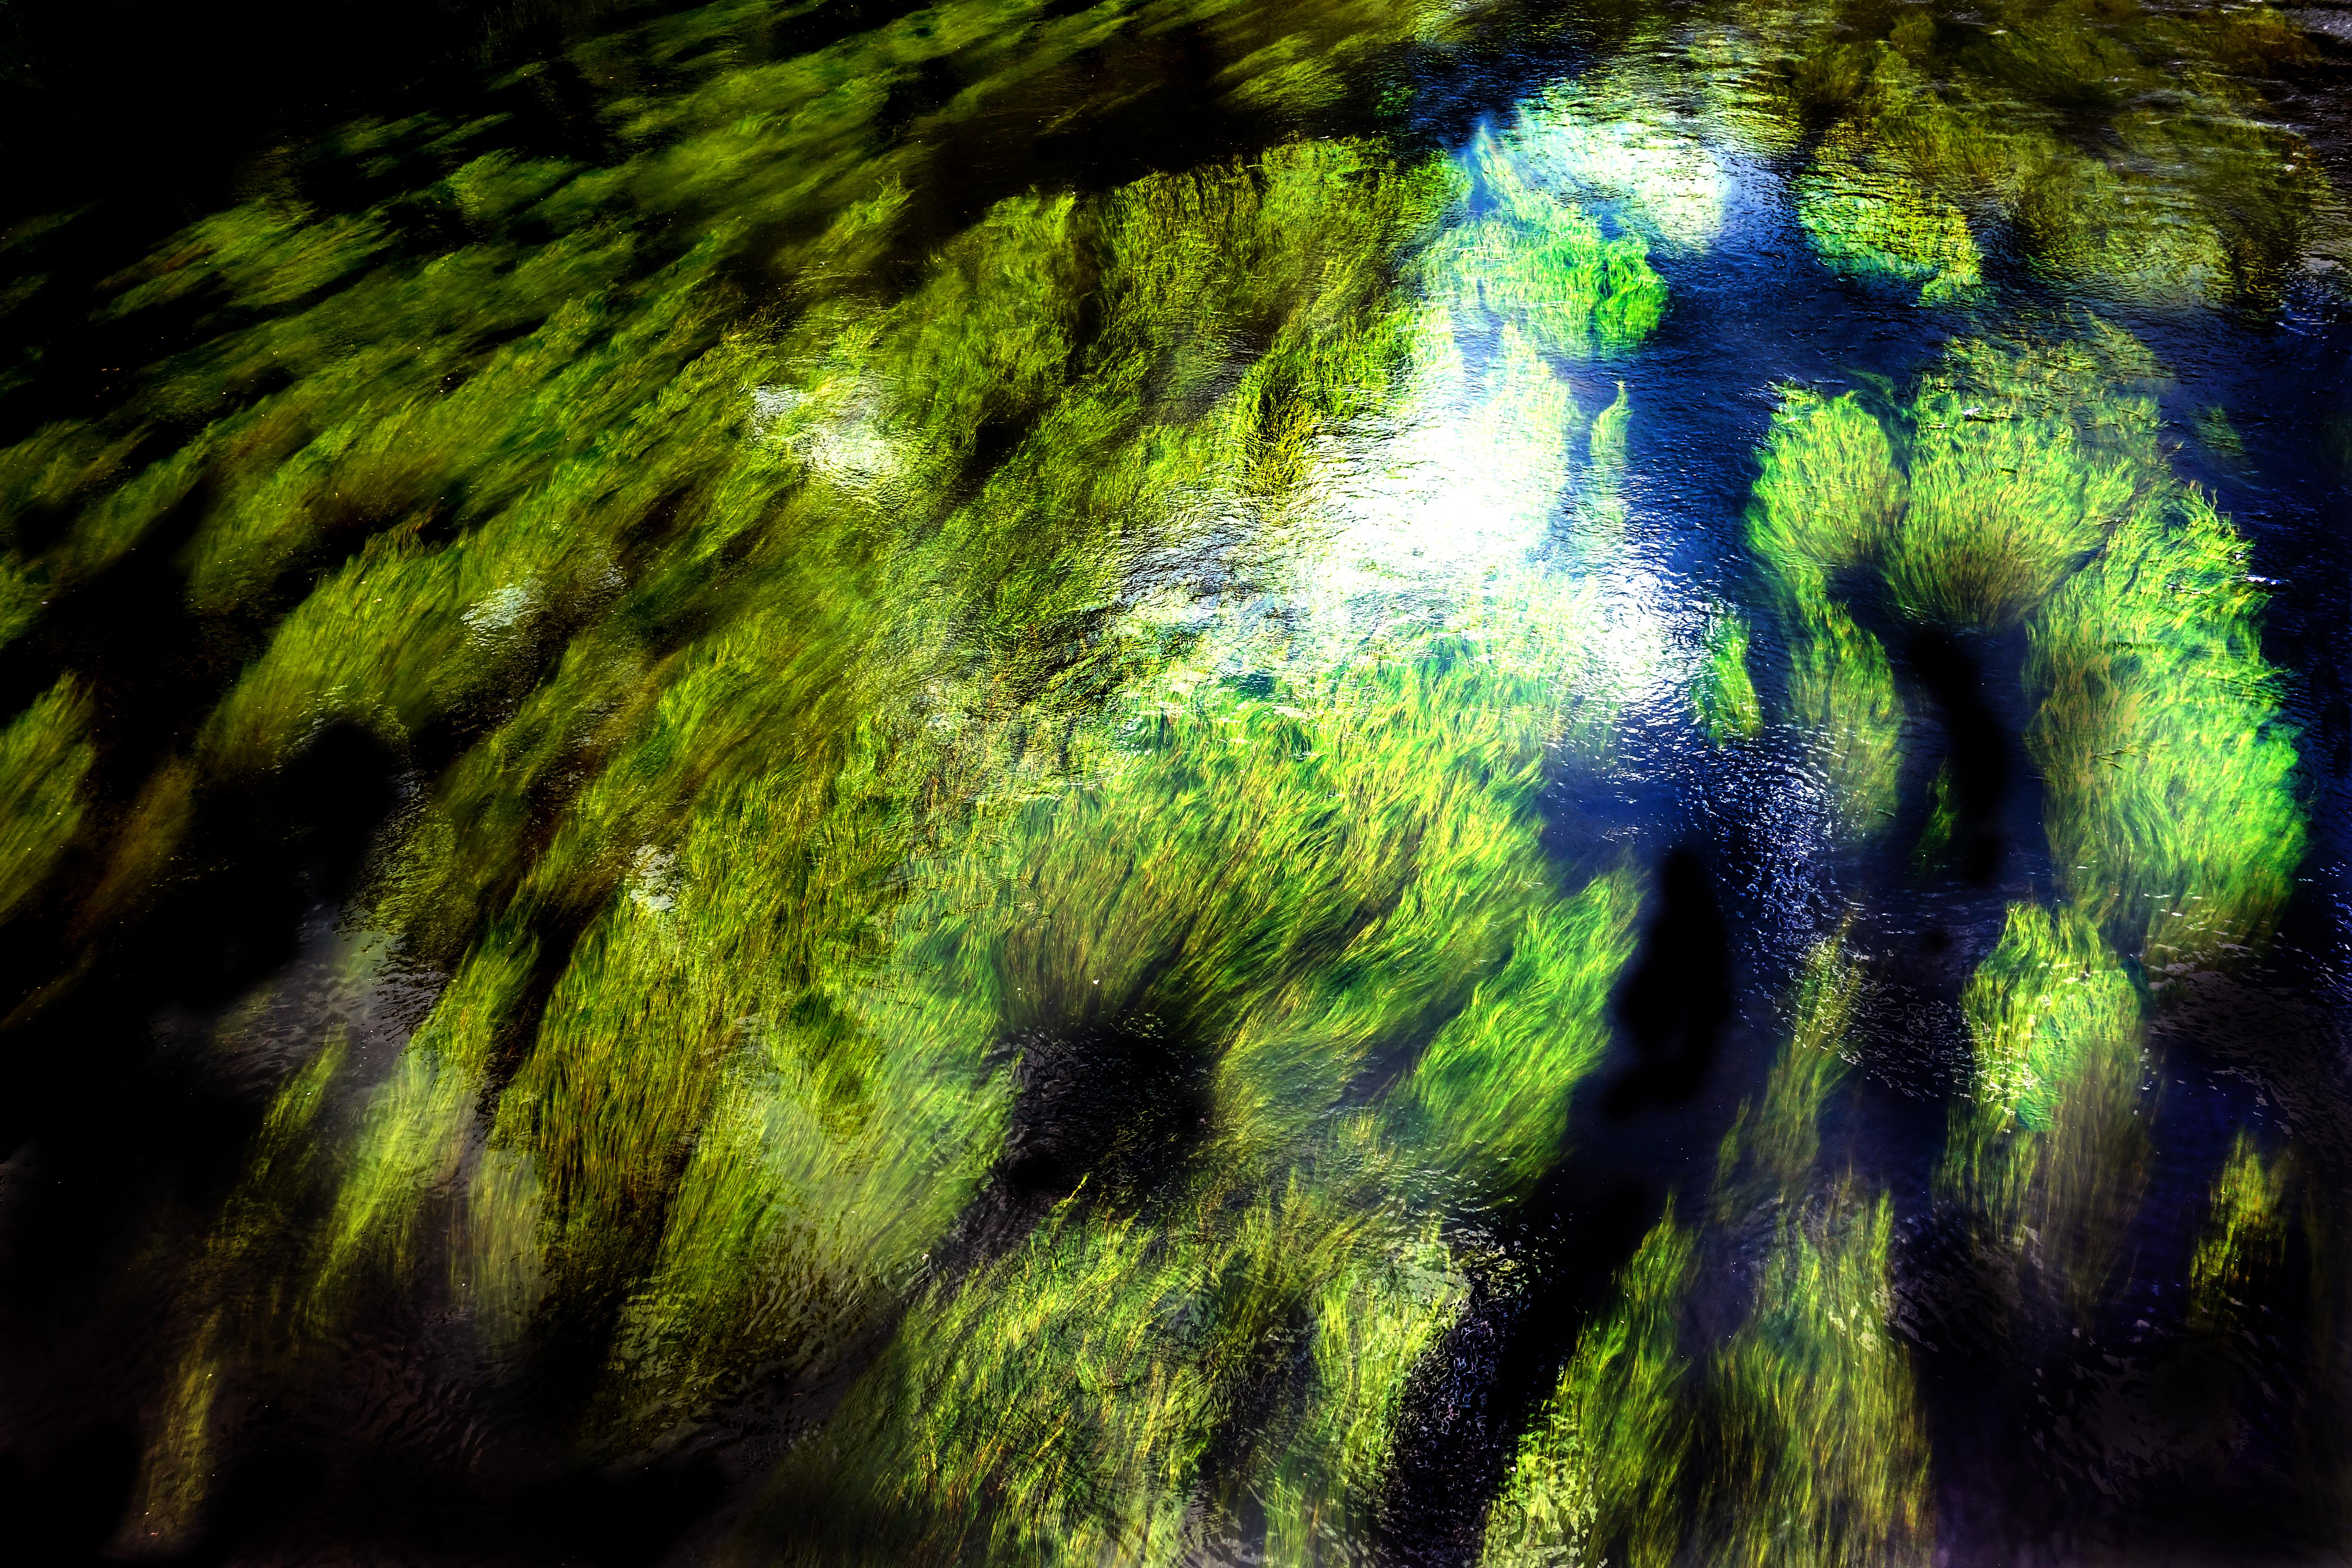 g 003 river grass